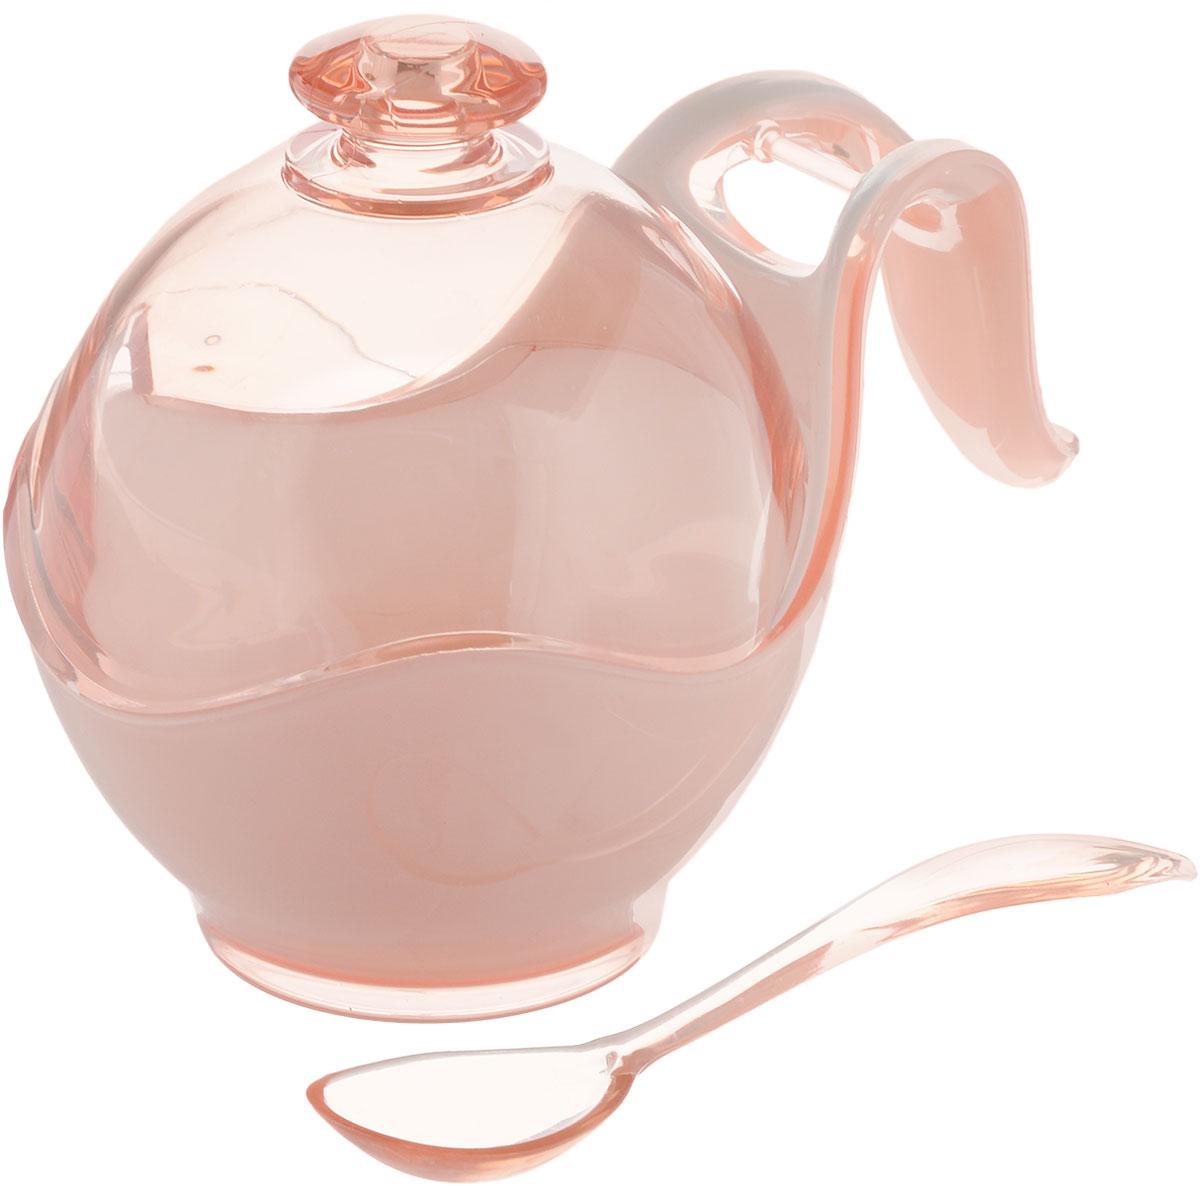 Сахарница Indecor, с ложкой, цвет: бежевый, белый. IND576IND576bСахарница Indecor изготовлена из пластика. Изделие выполнено в классическом стиле. Сахарница оснащена ручкой для удобной переноски и ложкой. Благодаря объемной крышки в ней удобно хранить рафинад. Сахарница Indecor станет незаменимым атрибутом любого чаепития, праздничного, вечернего или на открытом воздухе, а также подчеркнет ваш изысканный вкус. Размер сахарницы (по верхнему краю): 8 х 9,5 см. Ширина сахарницы (с учетом ручки): 14 см. Высота сахарницы (с учетом крышки): 11 см. Длина ложки: 13 см.